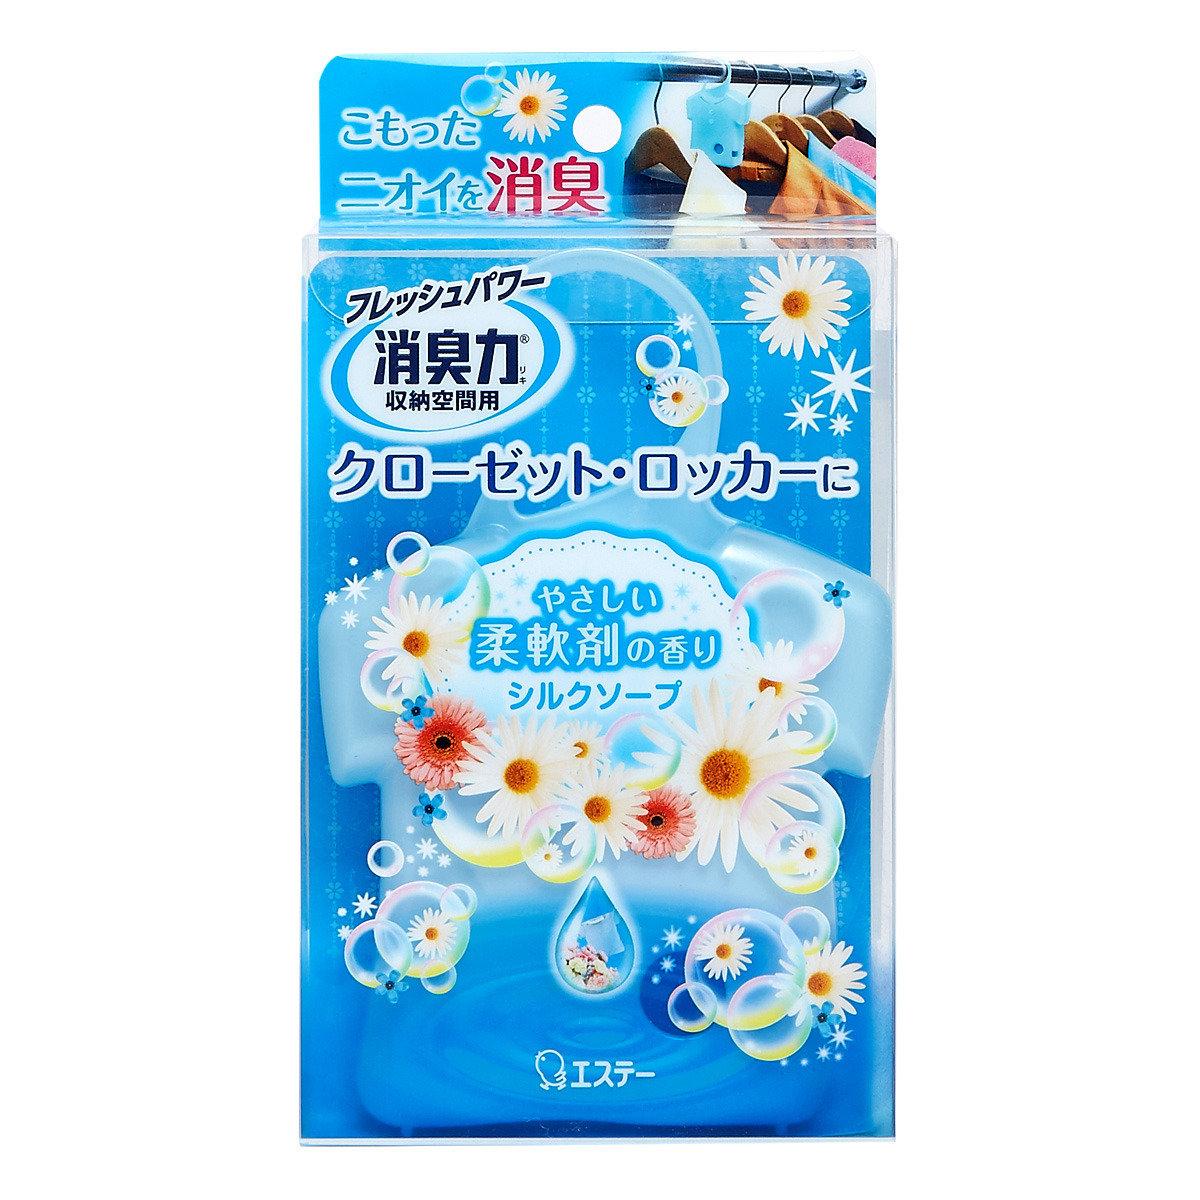 衣物淨化消臭劑 (衣櫃專用) - 蘭花香味